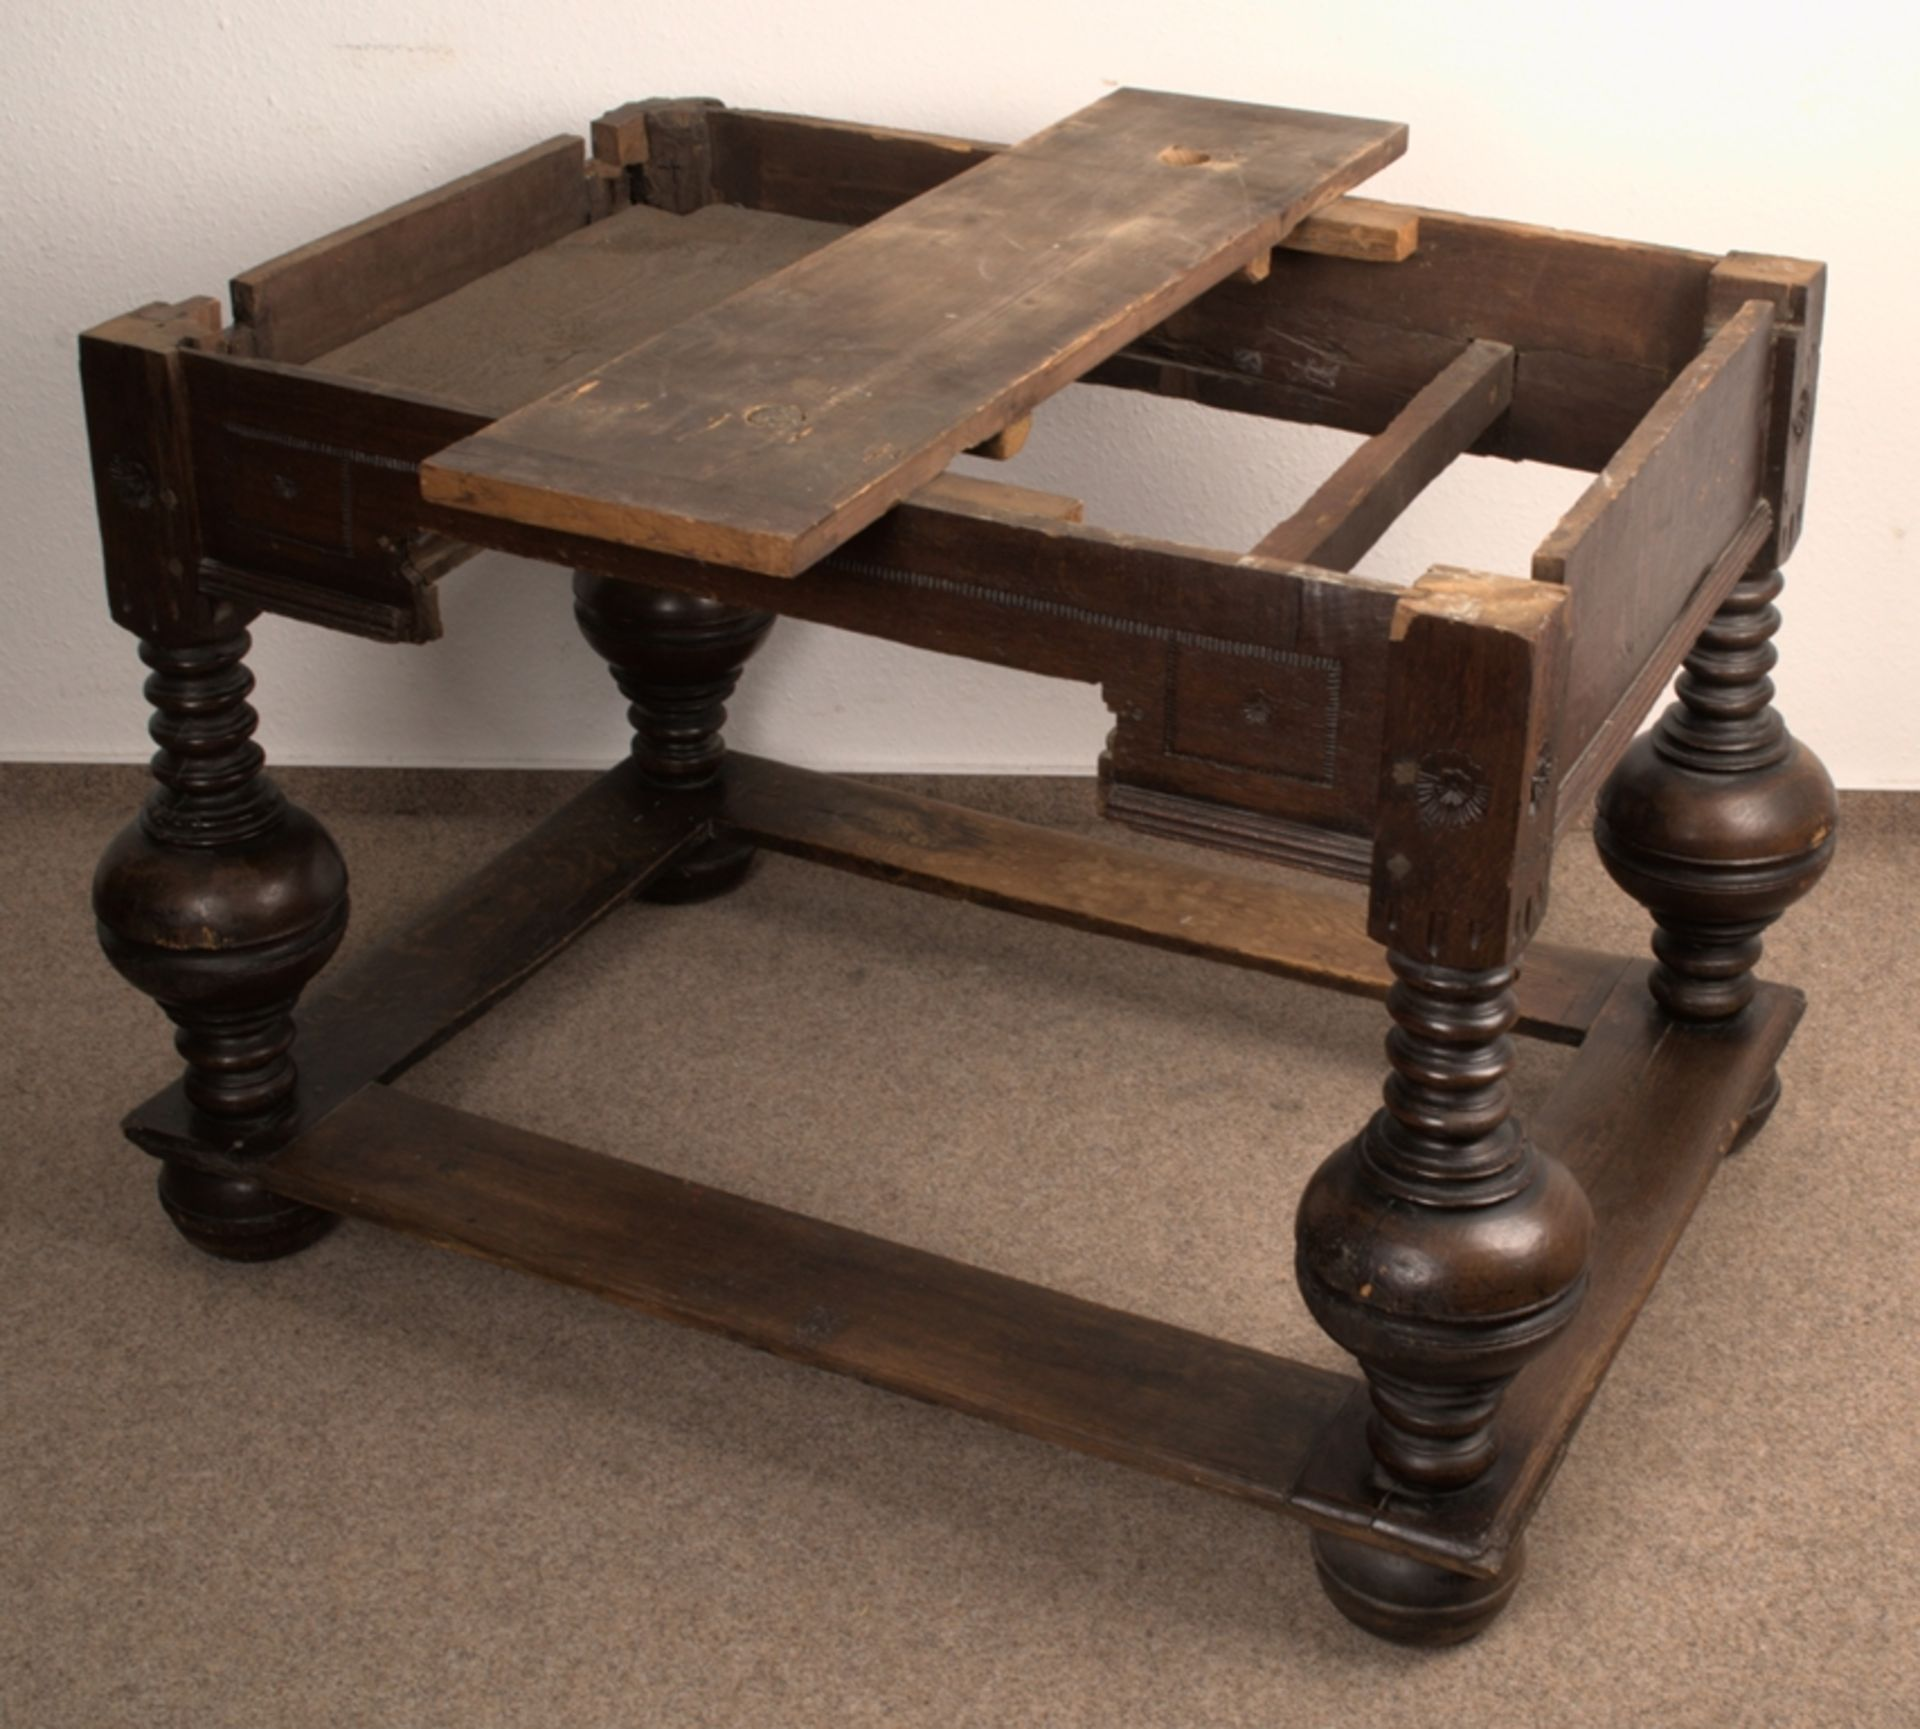 Großer Auszugstisch, Franken um 1730/50. Querverstrebter Tischunterbau mit kräftigen Balusterbeinen, - Bild 3 aus 36